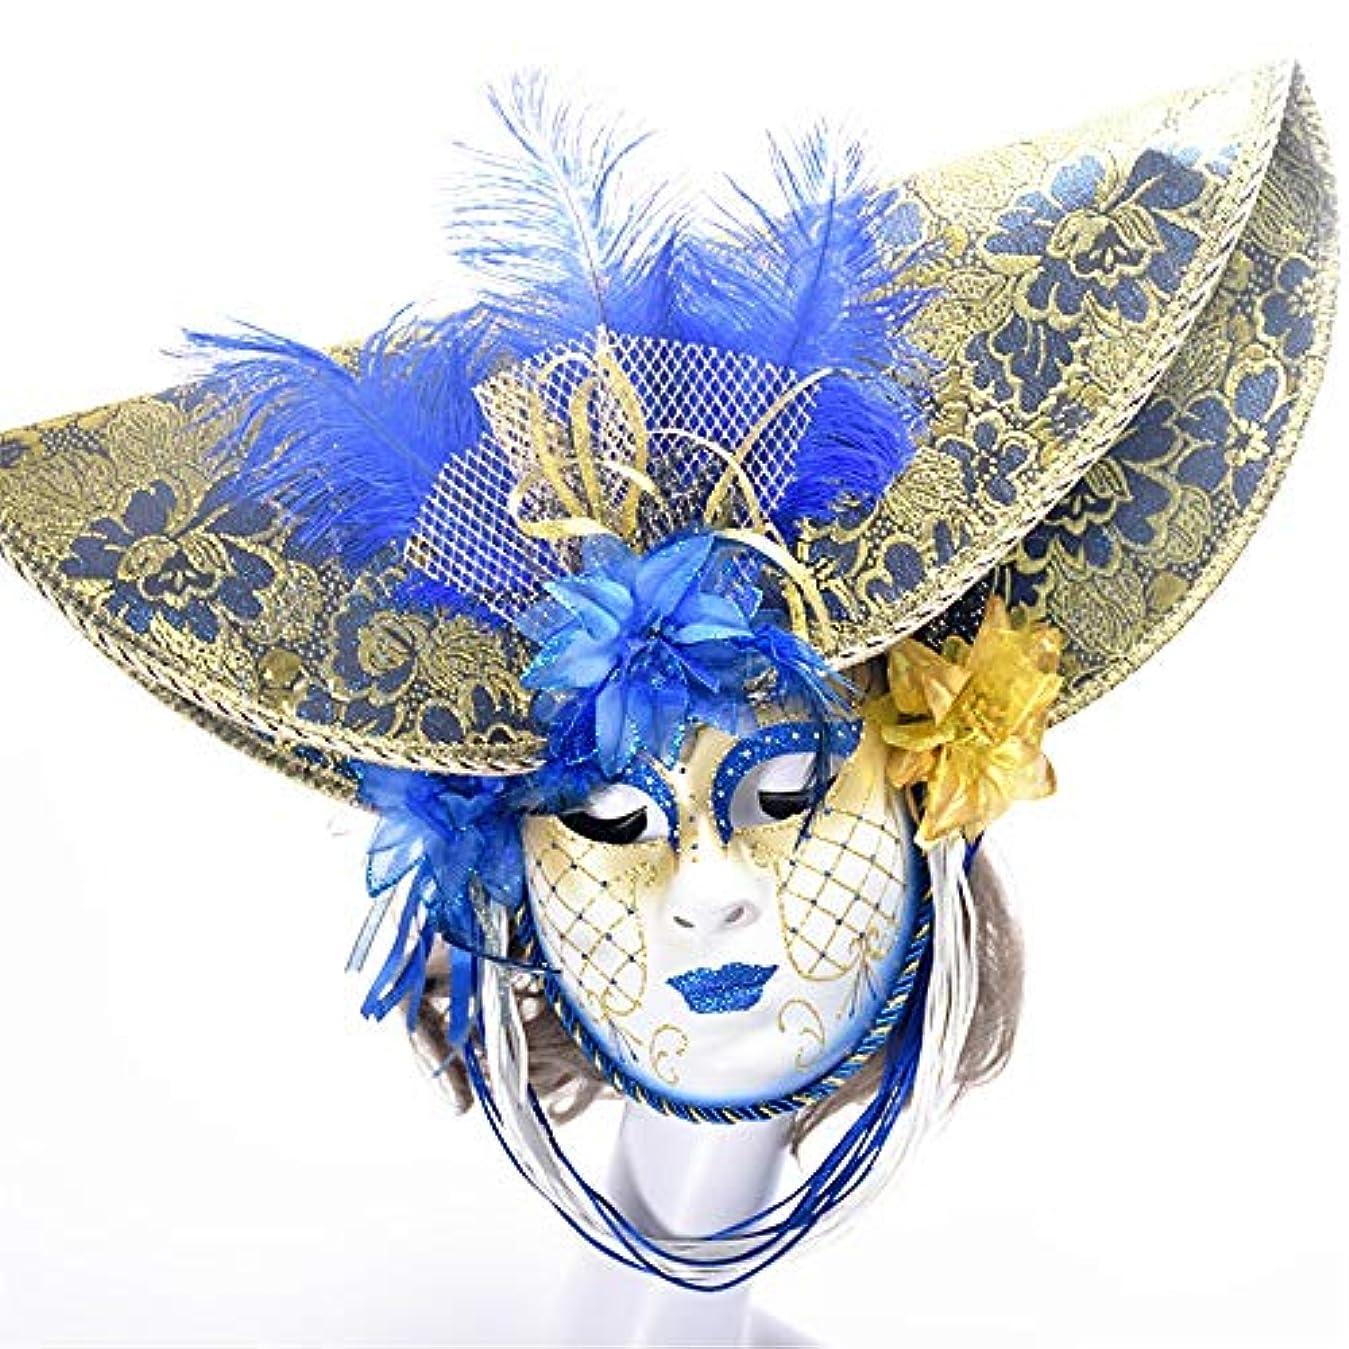 高くよく話されるジレンマダンスマスク 手描きフルフェイスマスク大人仮装パーティーブルーフェイスナイトクラブパーティーフェスティバルロールプレイングプラスチックマスク ホリデーパーティー用品 (色 : 青, サイズ : 55x35cm)